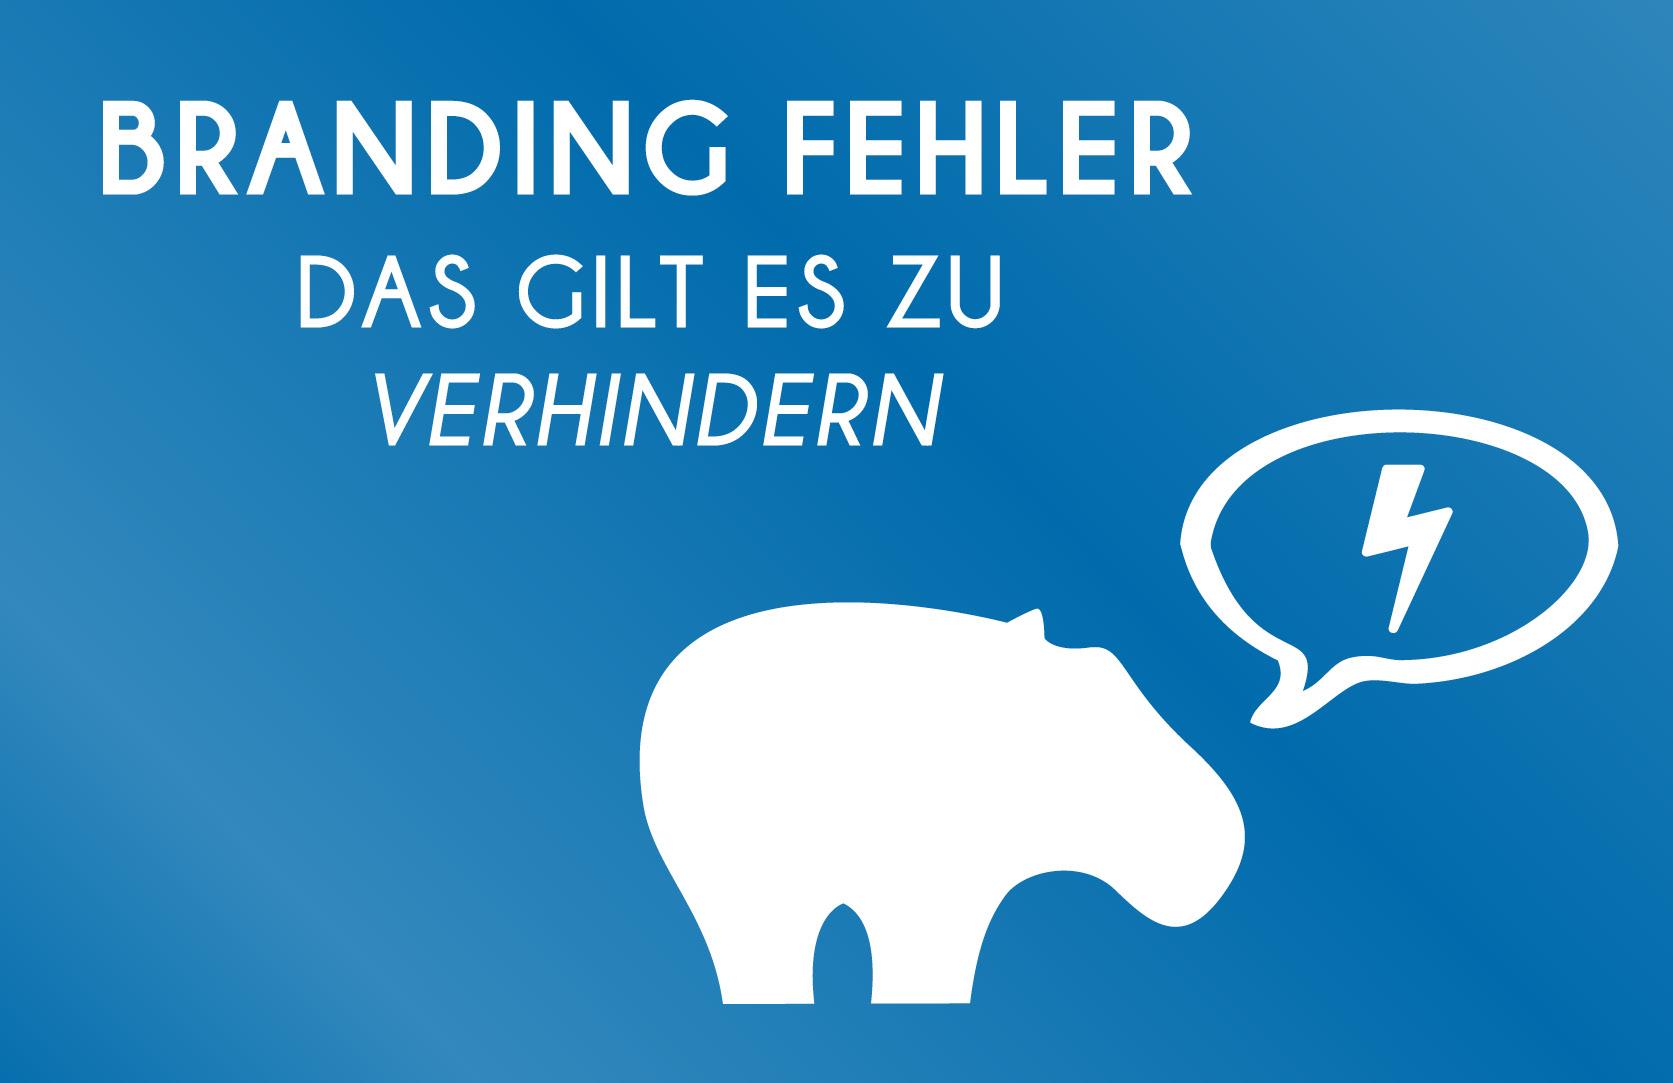 Branding Fehler - Blue Hippo zeigt Dir was Du beachten solltest